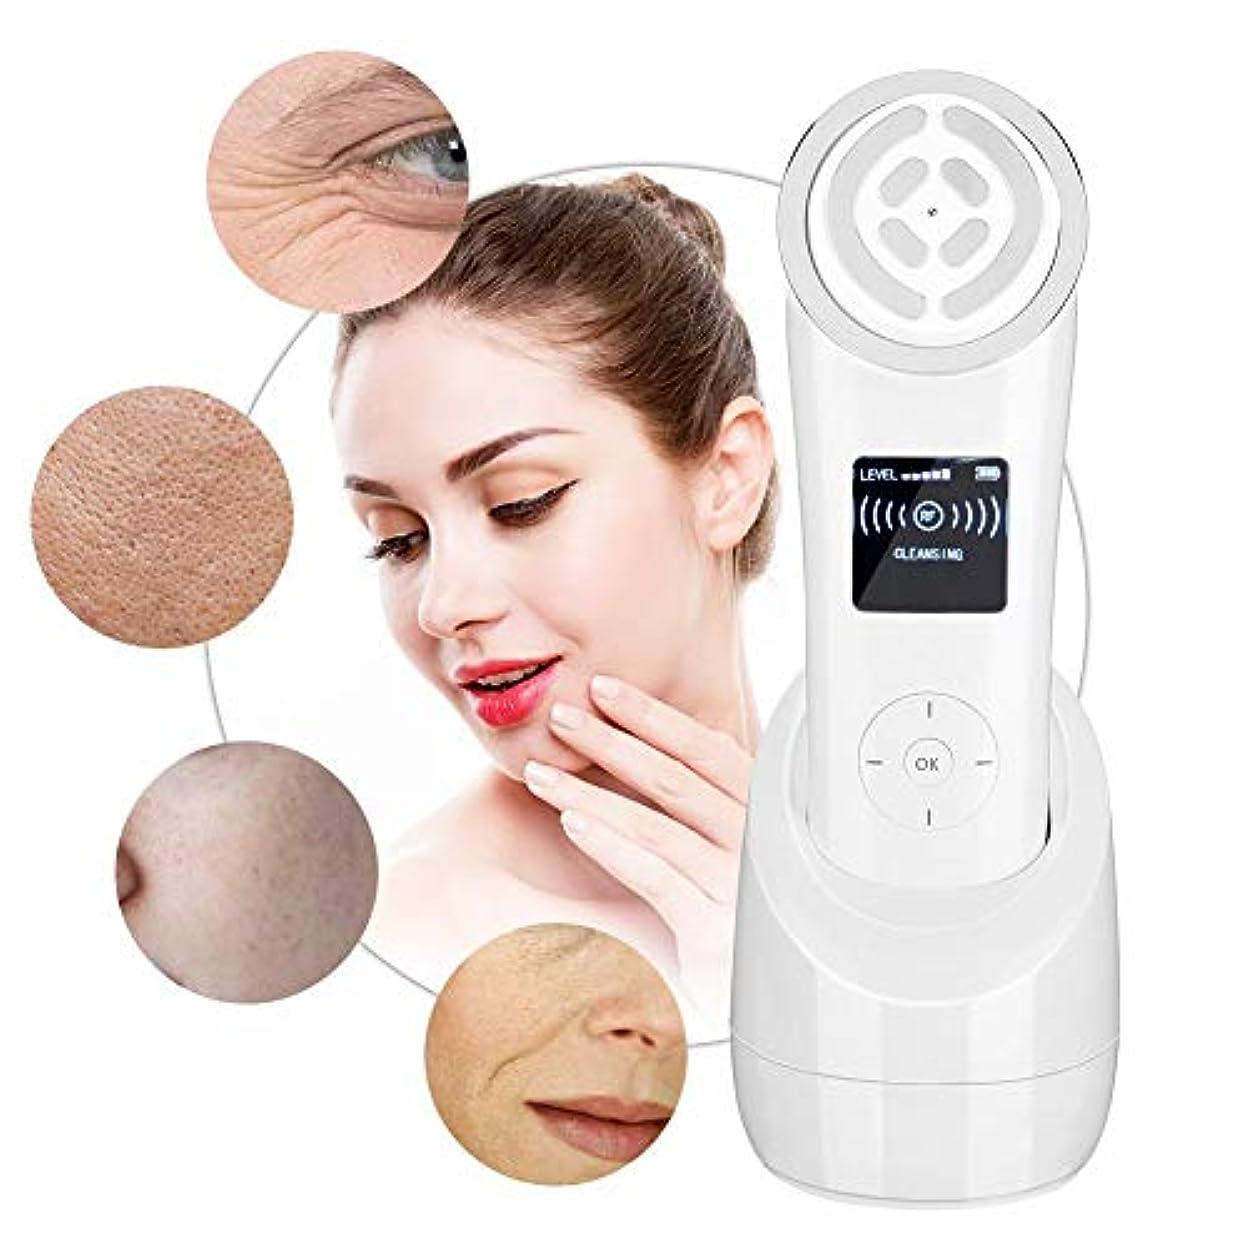 地下室あざ北方顔の美しさのマシン - RF周波数アンチエイジングアンチリンクル、肌の若返り楽器 - ポータブル若返り肌がEMS筋肉刺激を強化(UE)